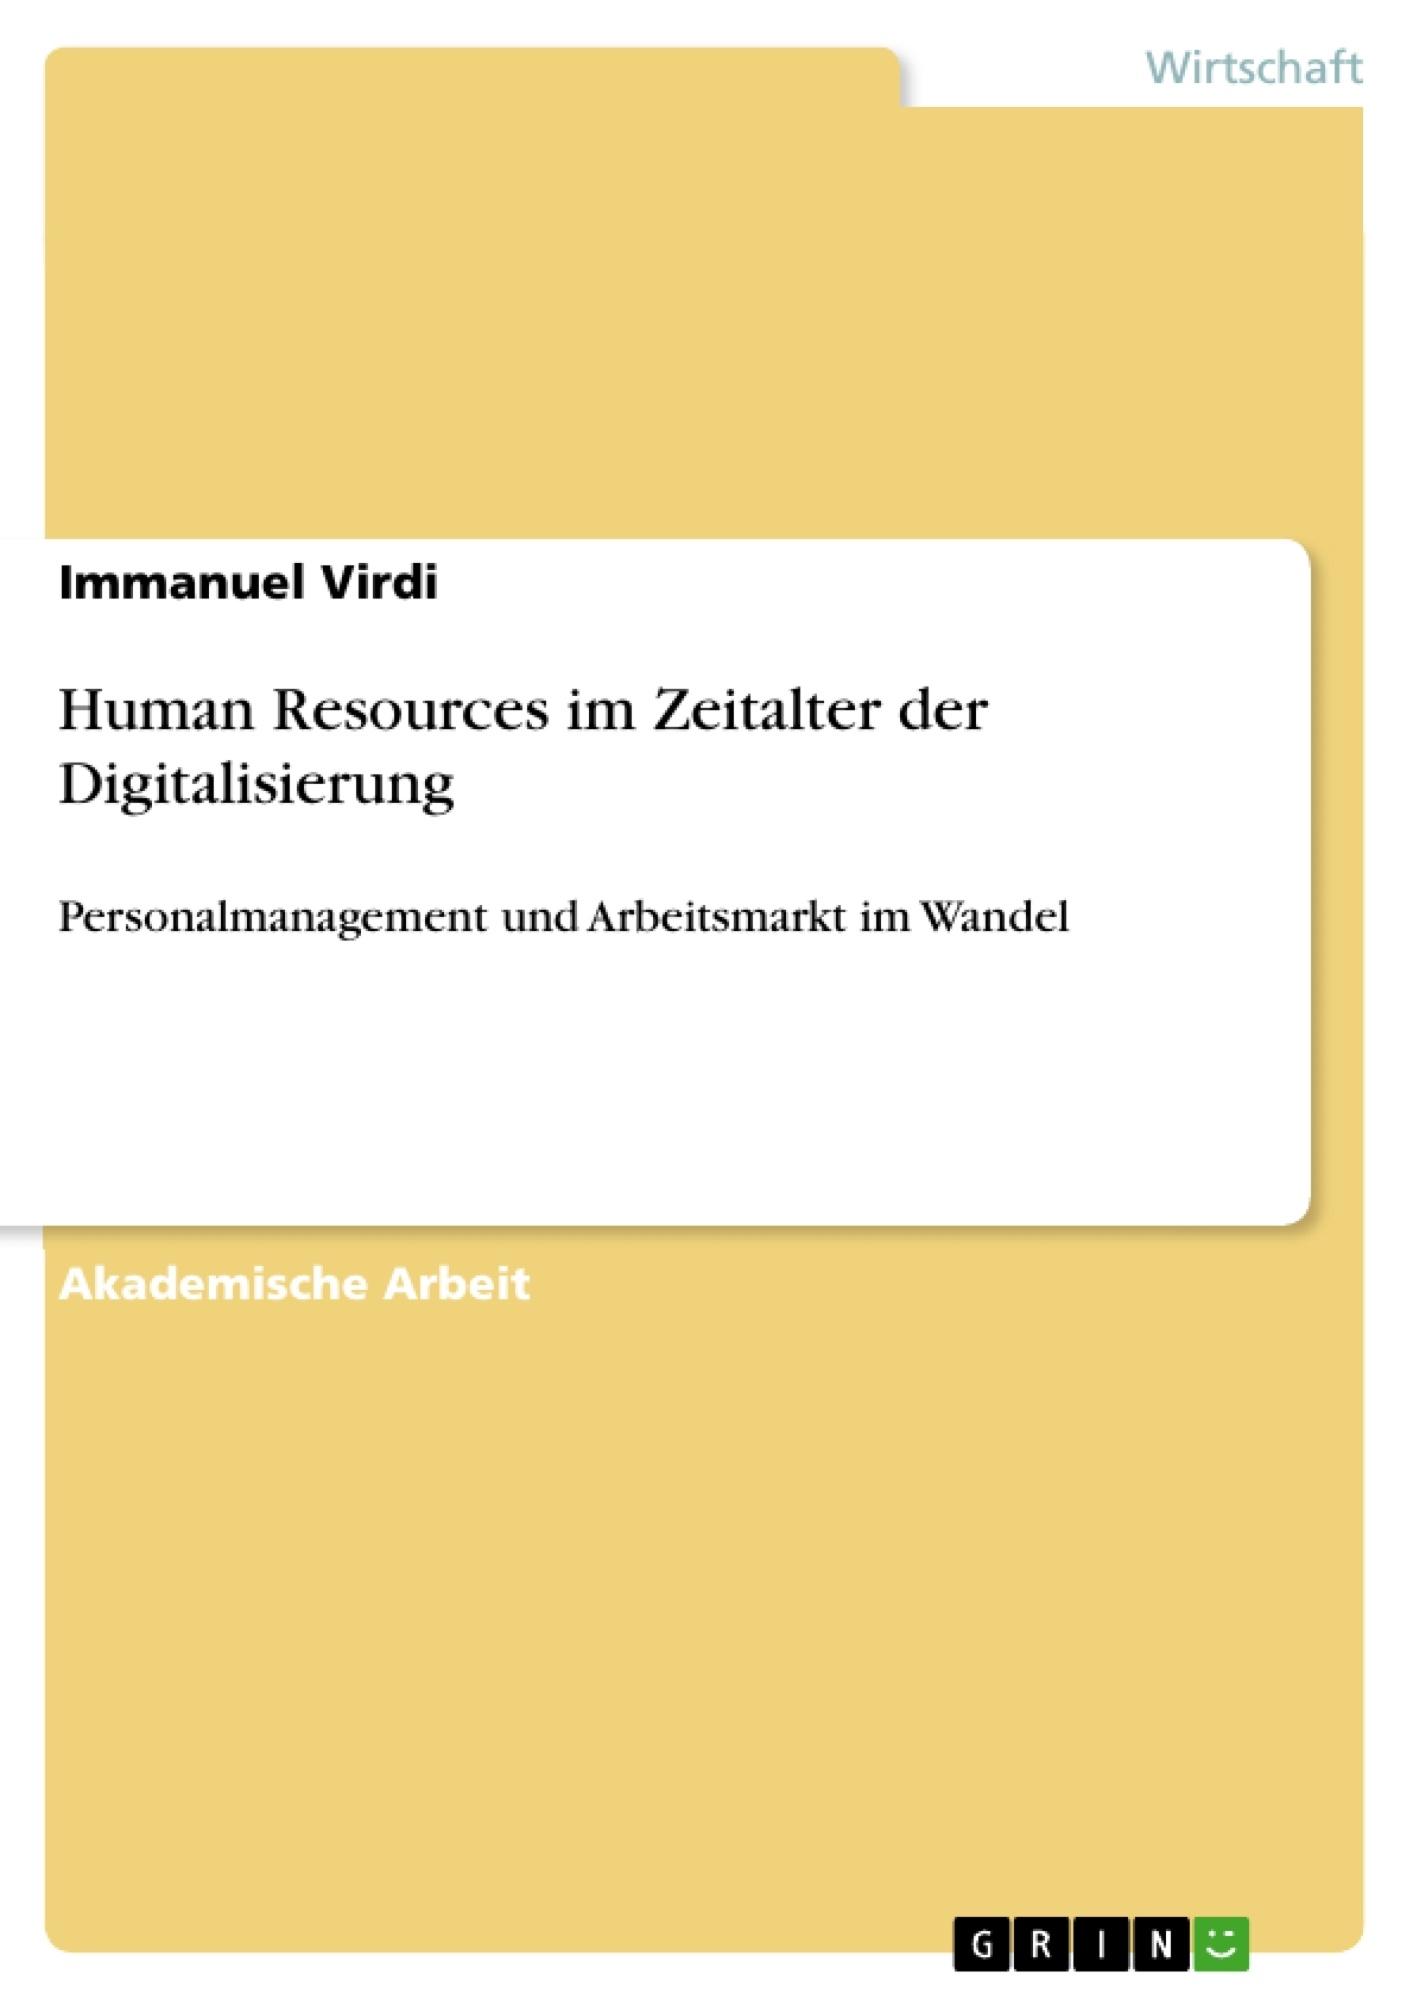 Bachelorarbeit thema bwl digitalisierung realschule geesthacht abschluss 2009